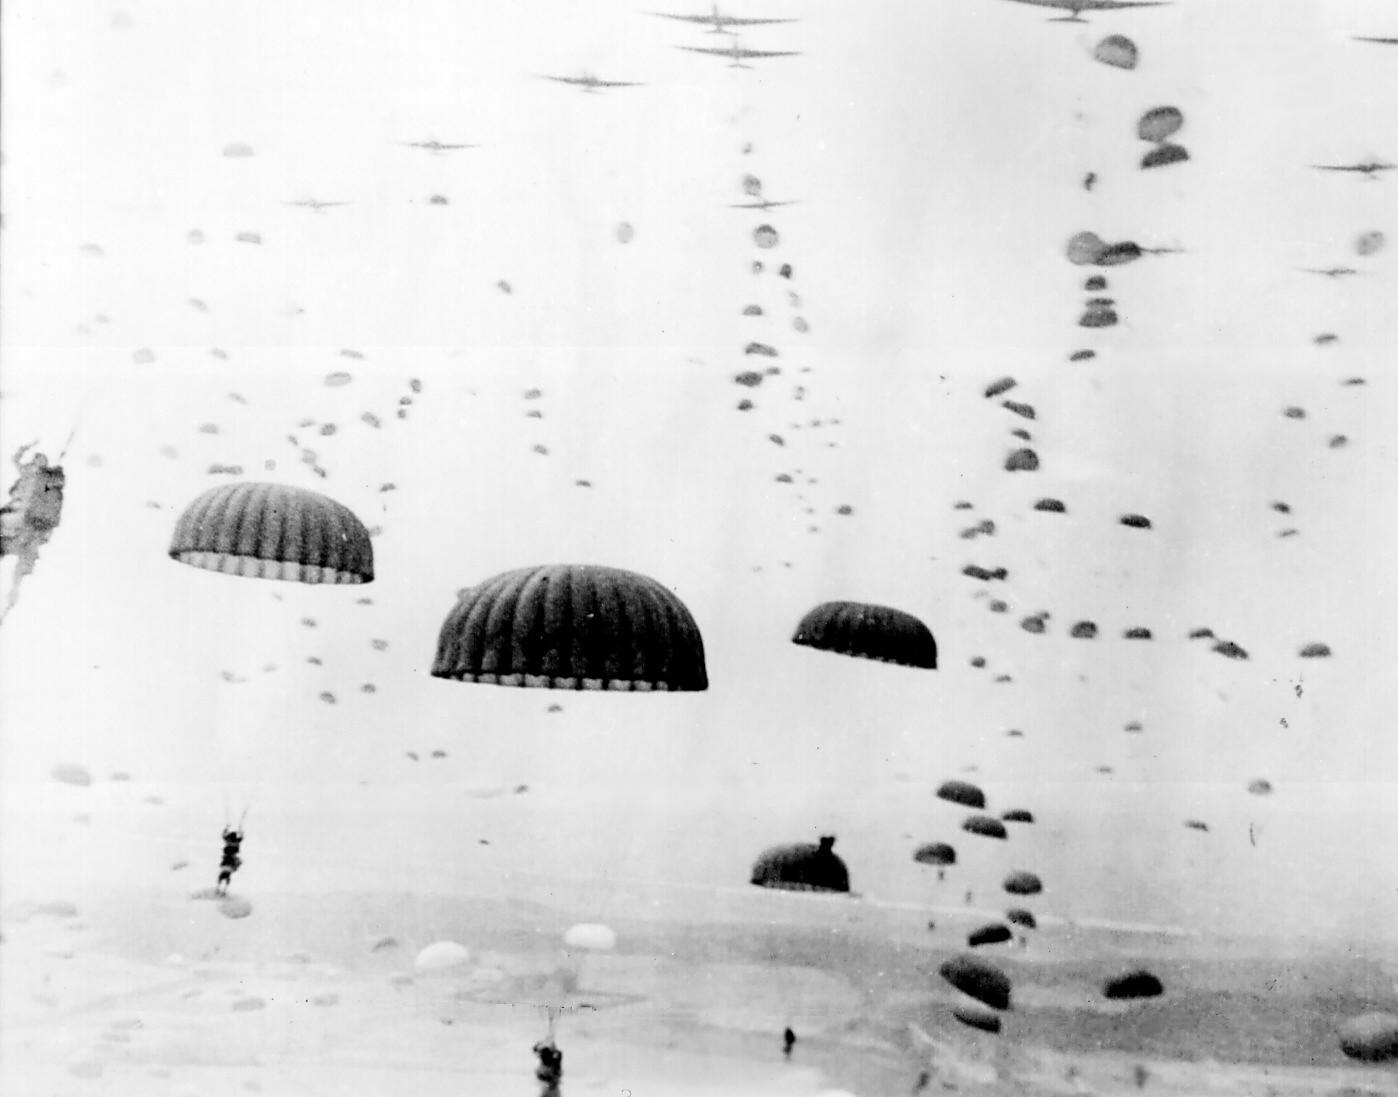 Polscy spadochroniarze do dziś uchodzą za bohaterów w małym holenderskim miasteczku. Co roku w rocznicę lądowania odbywają się uroczystości z okazji